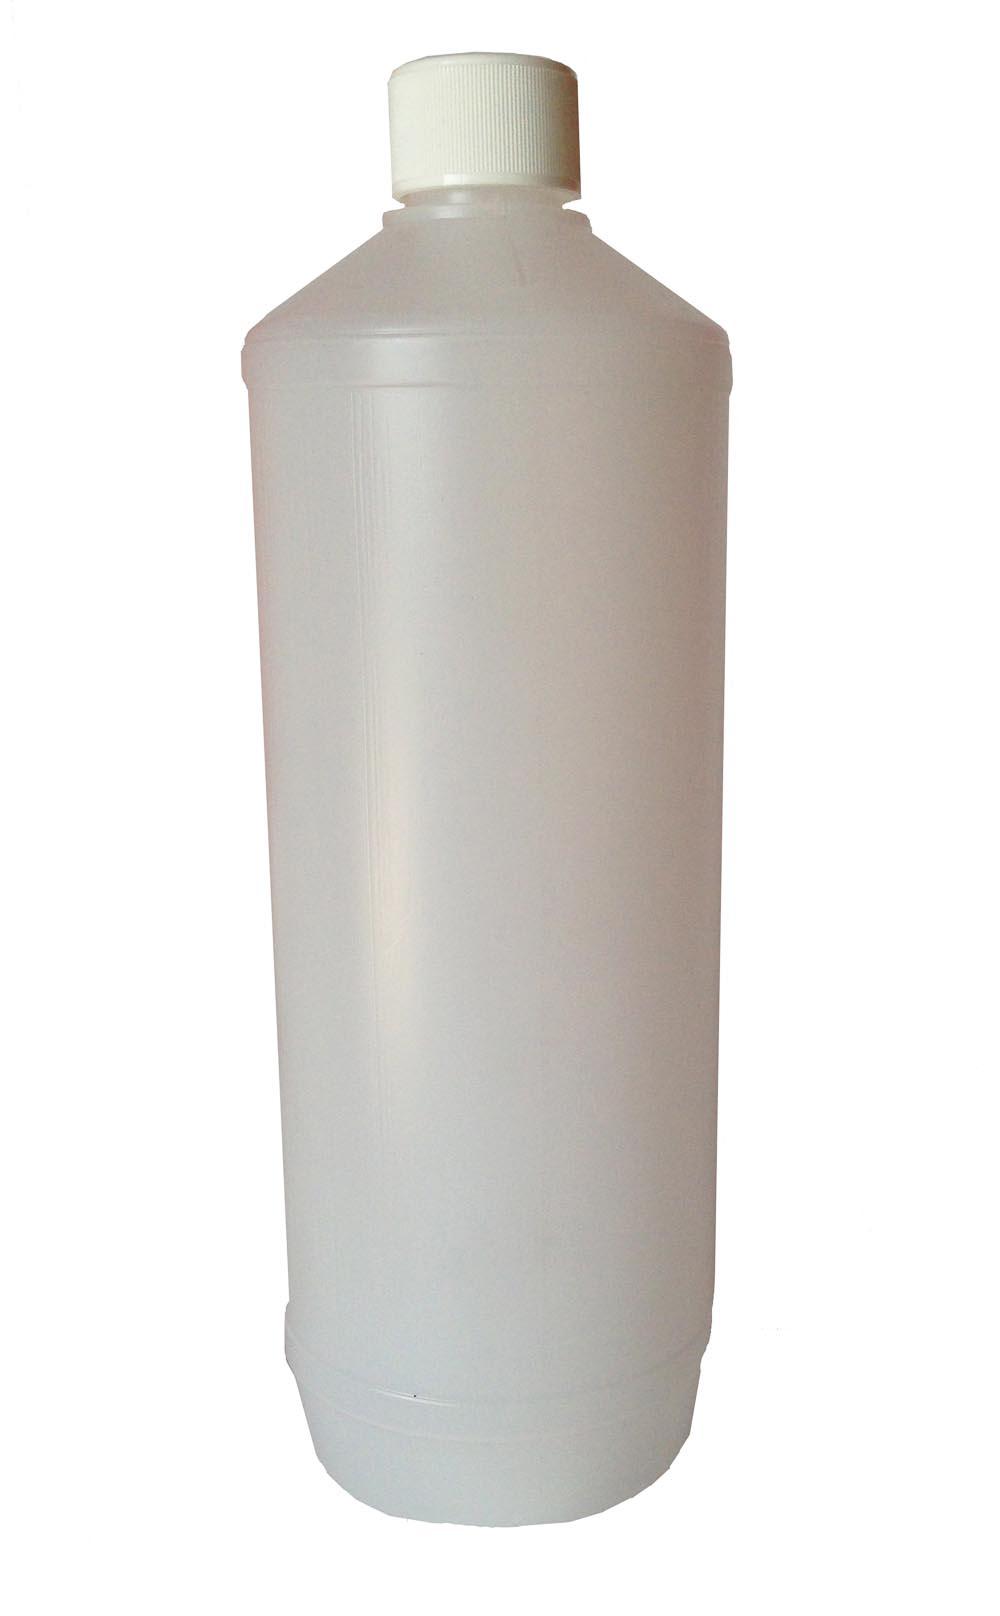 Plastic Bottles Jerry Cans 20 Litre Cube Un Dg Dangerous